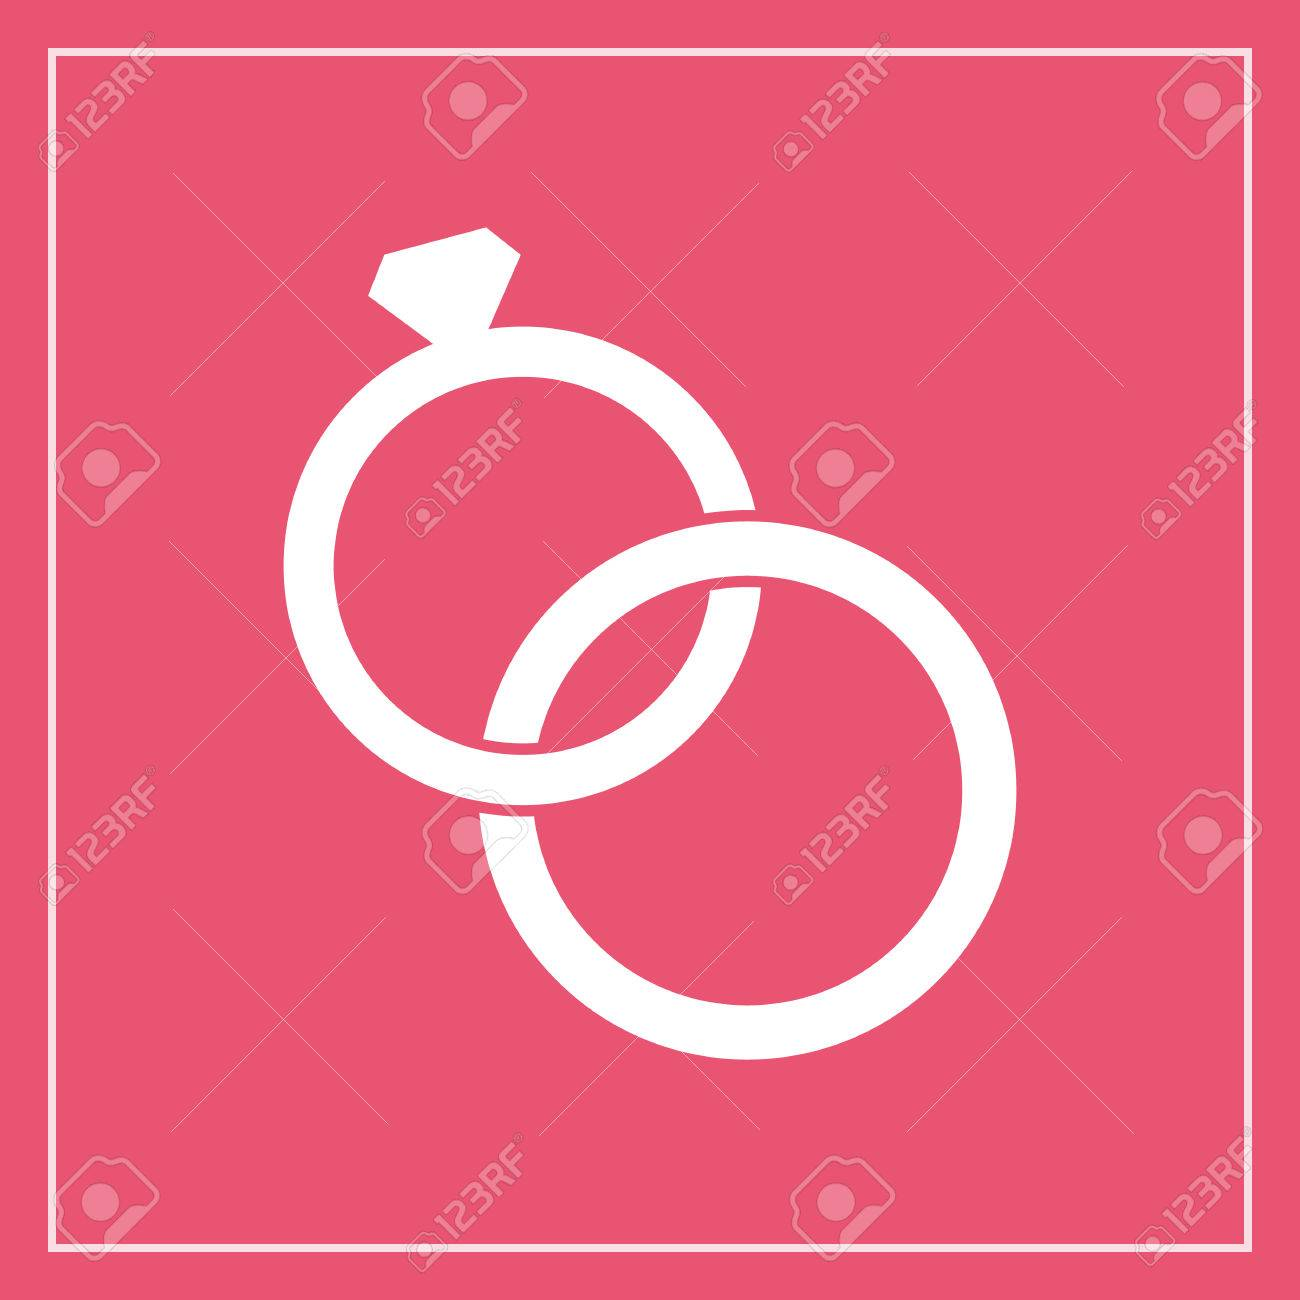 Banque dimages , Mariage anneaux icône, style moderne de design plat minime. Bijoux illustration vectorielle, symbole engagement